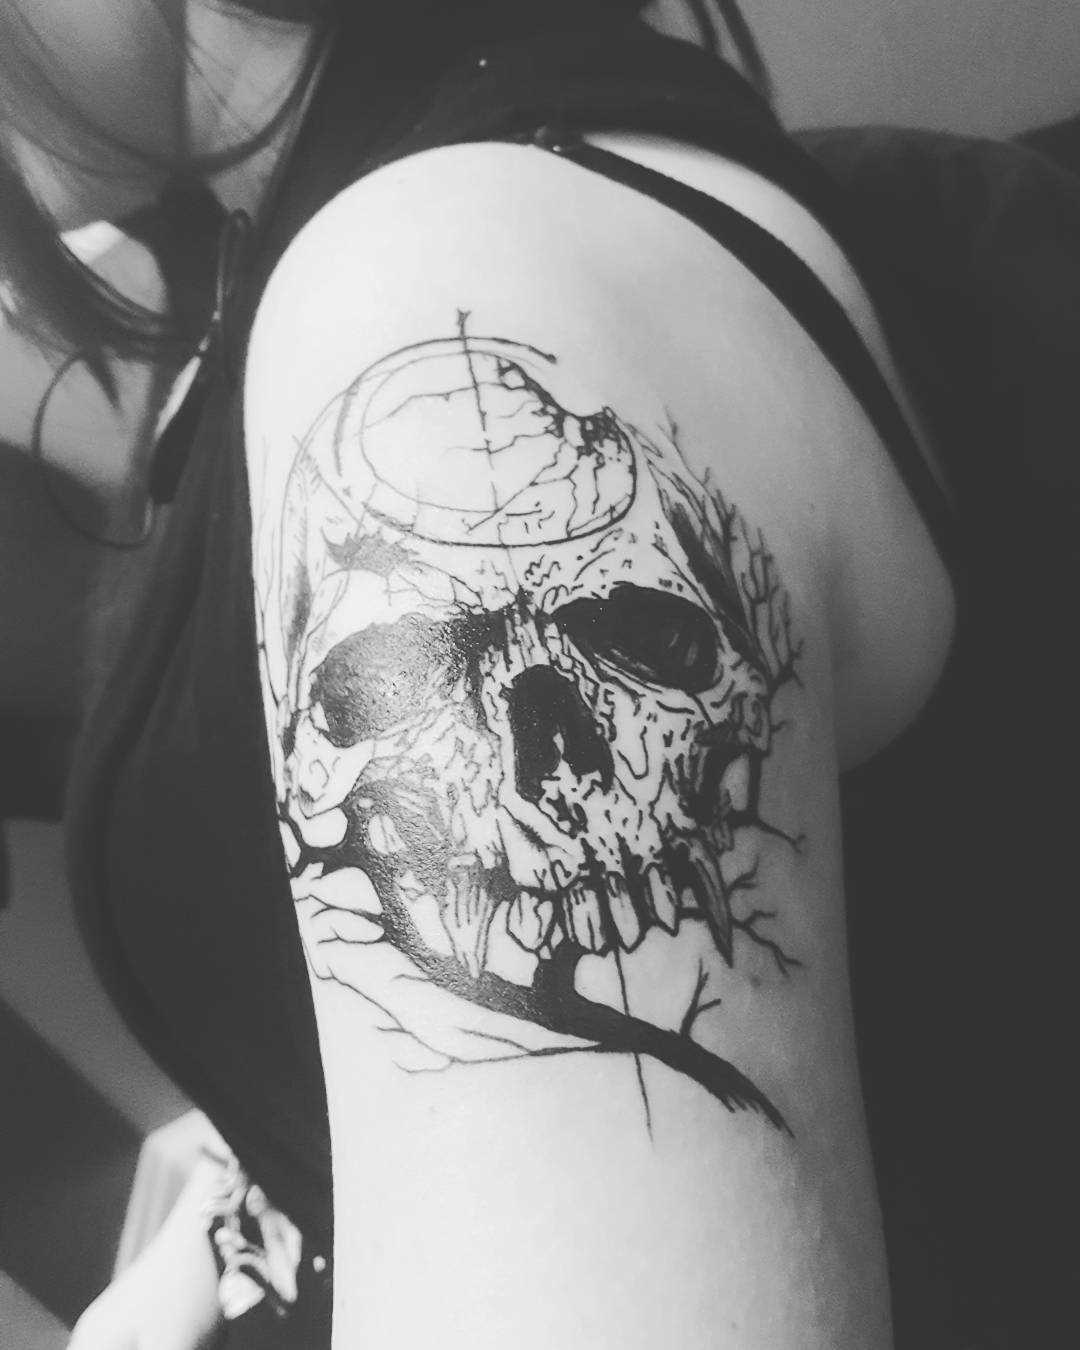 A foto da tatuagem de caveira em estilo gótico no ombro da menina